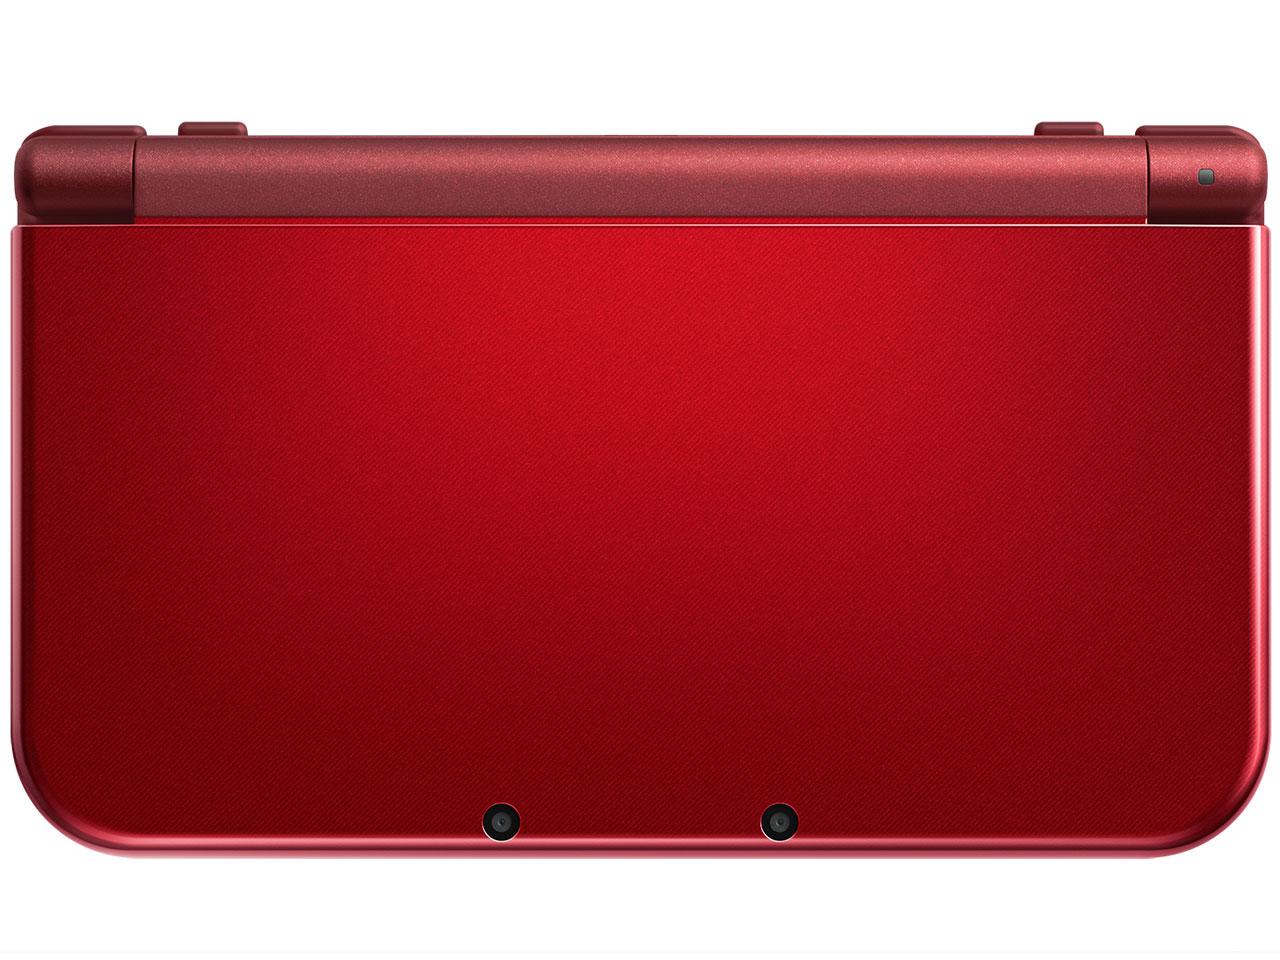 Newニンテンドー3DS LL メタリックレッド の製品画像